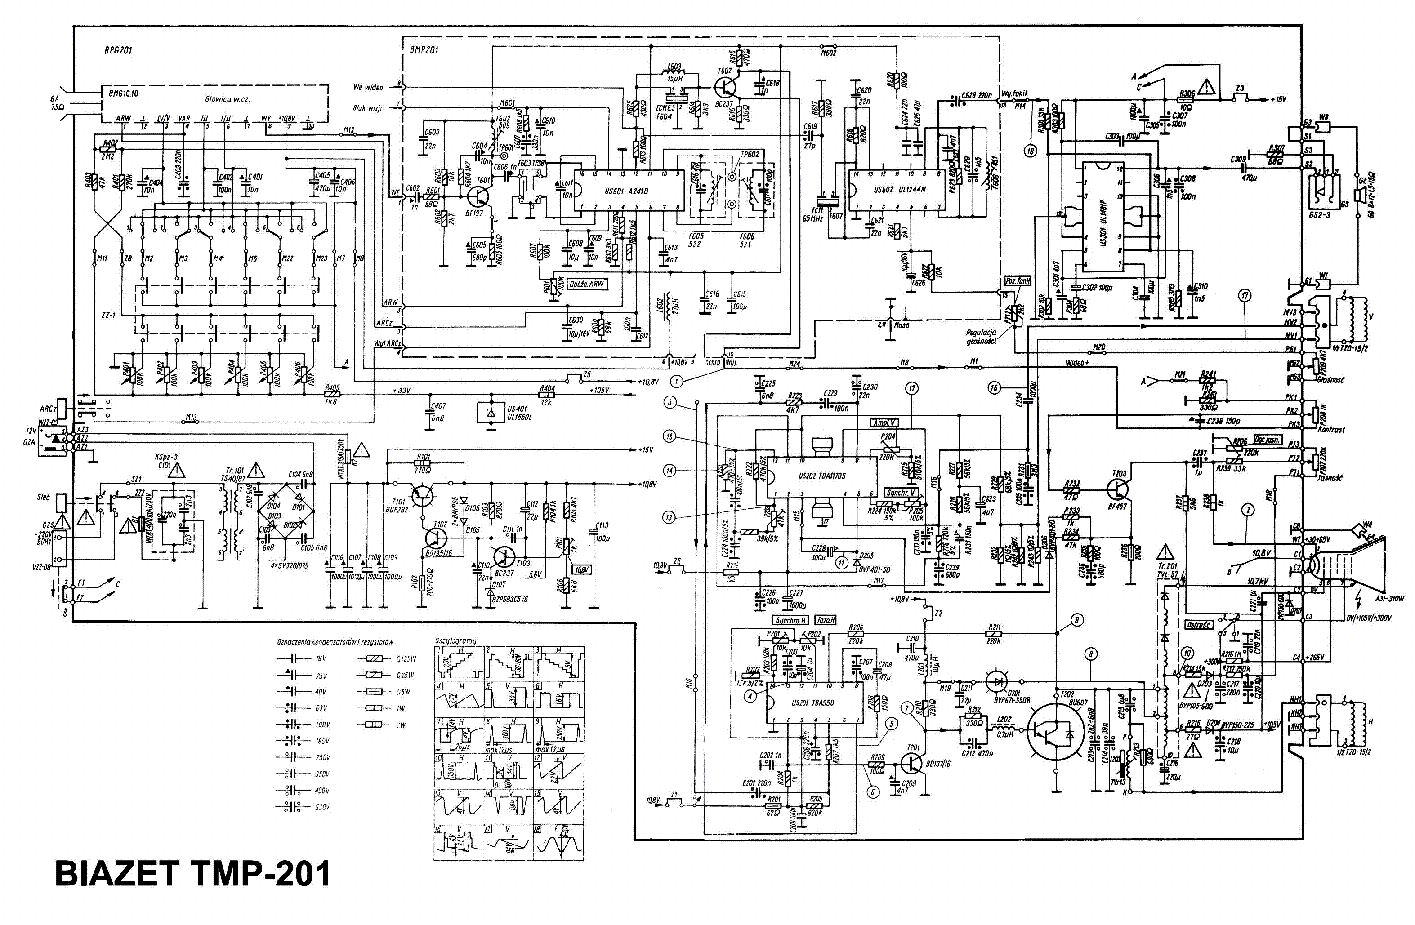 La76810a схема телевизора